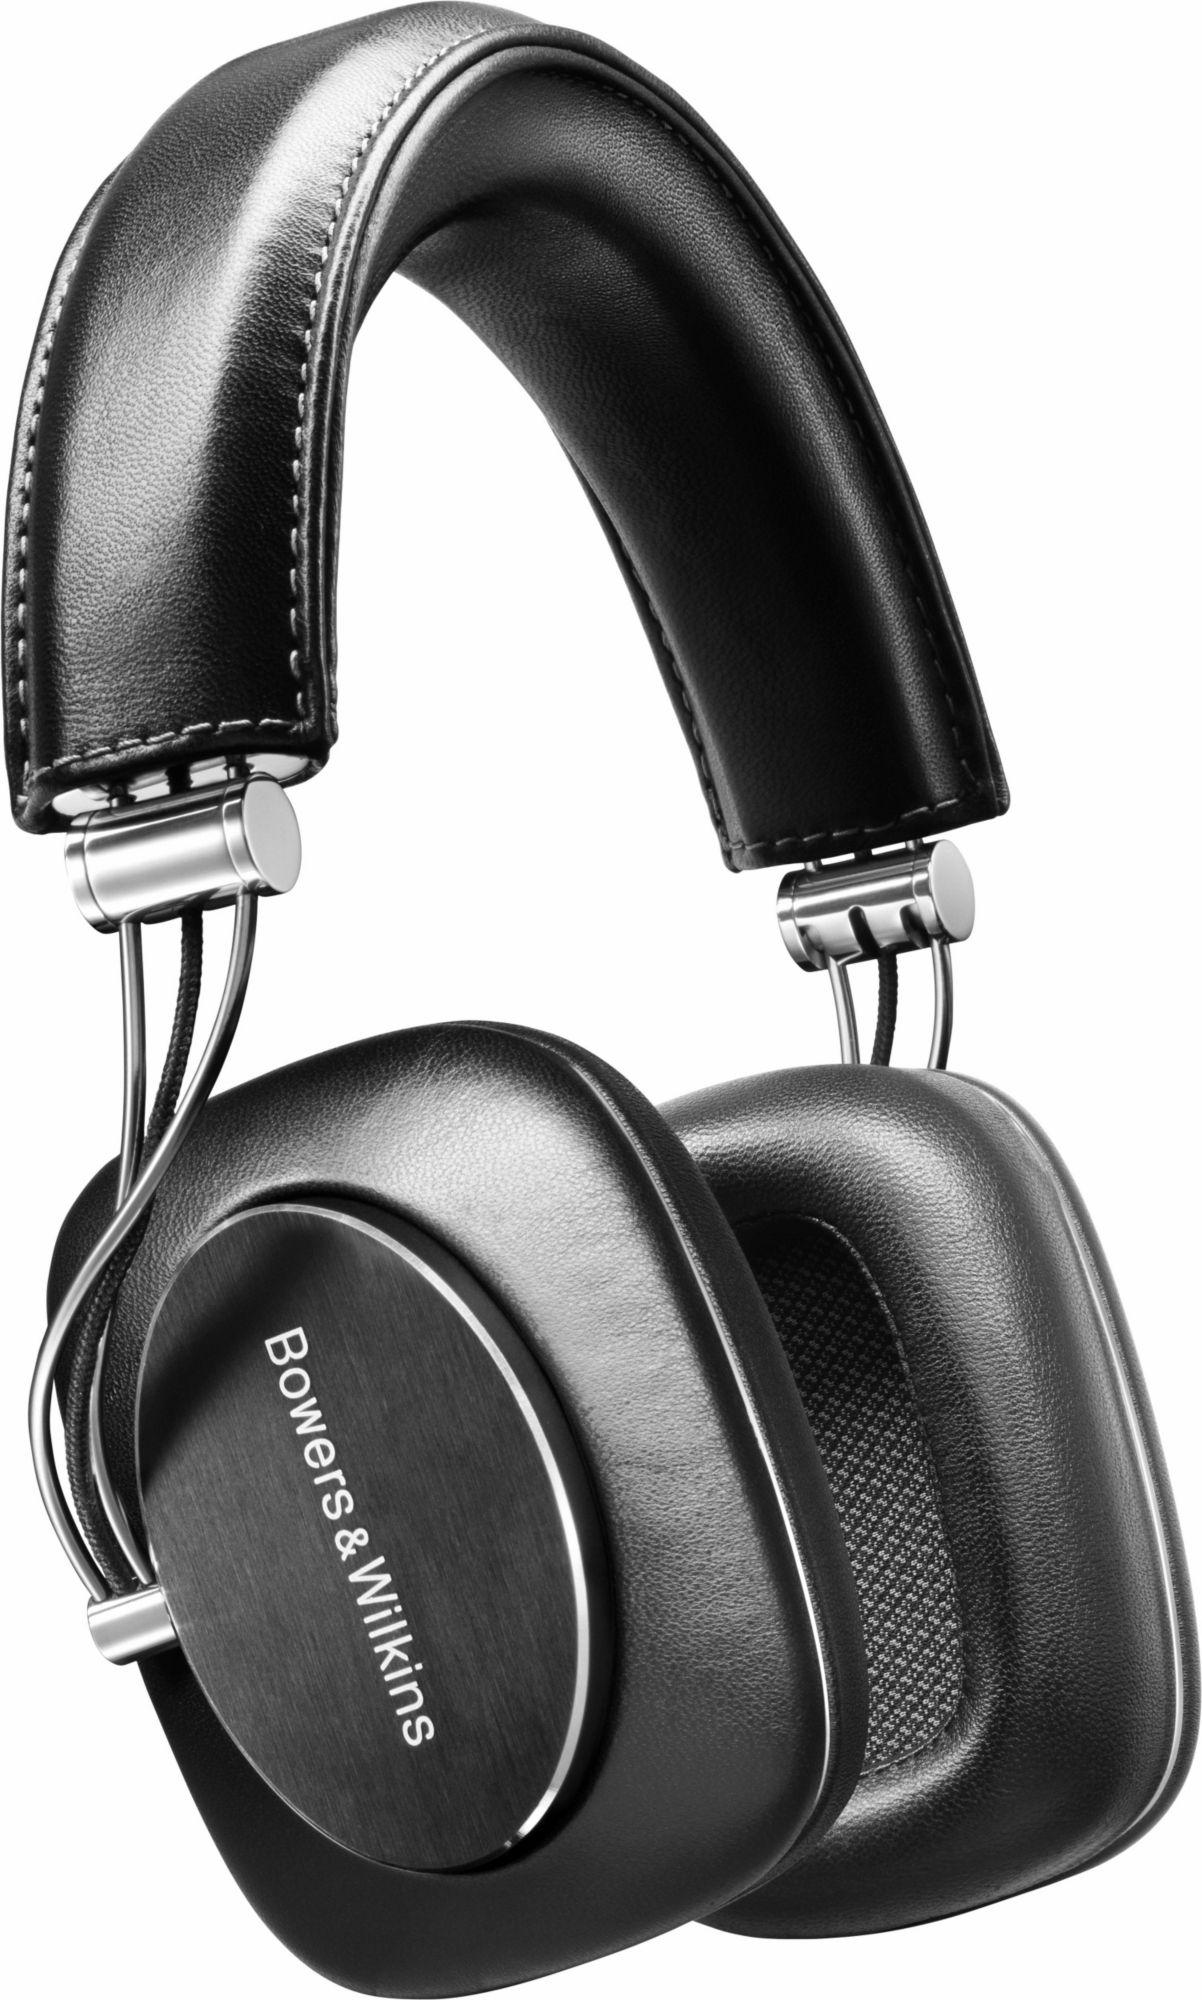 BOWERS WILKINS .Bowers & Wilkins P7 HiFi-Kopfhörer ohrumschließend schwarz